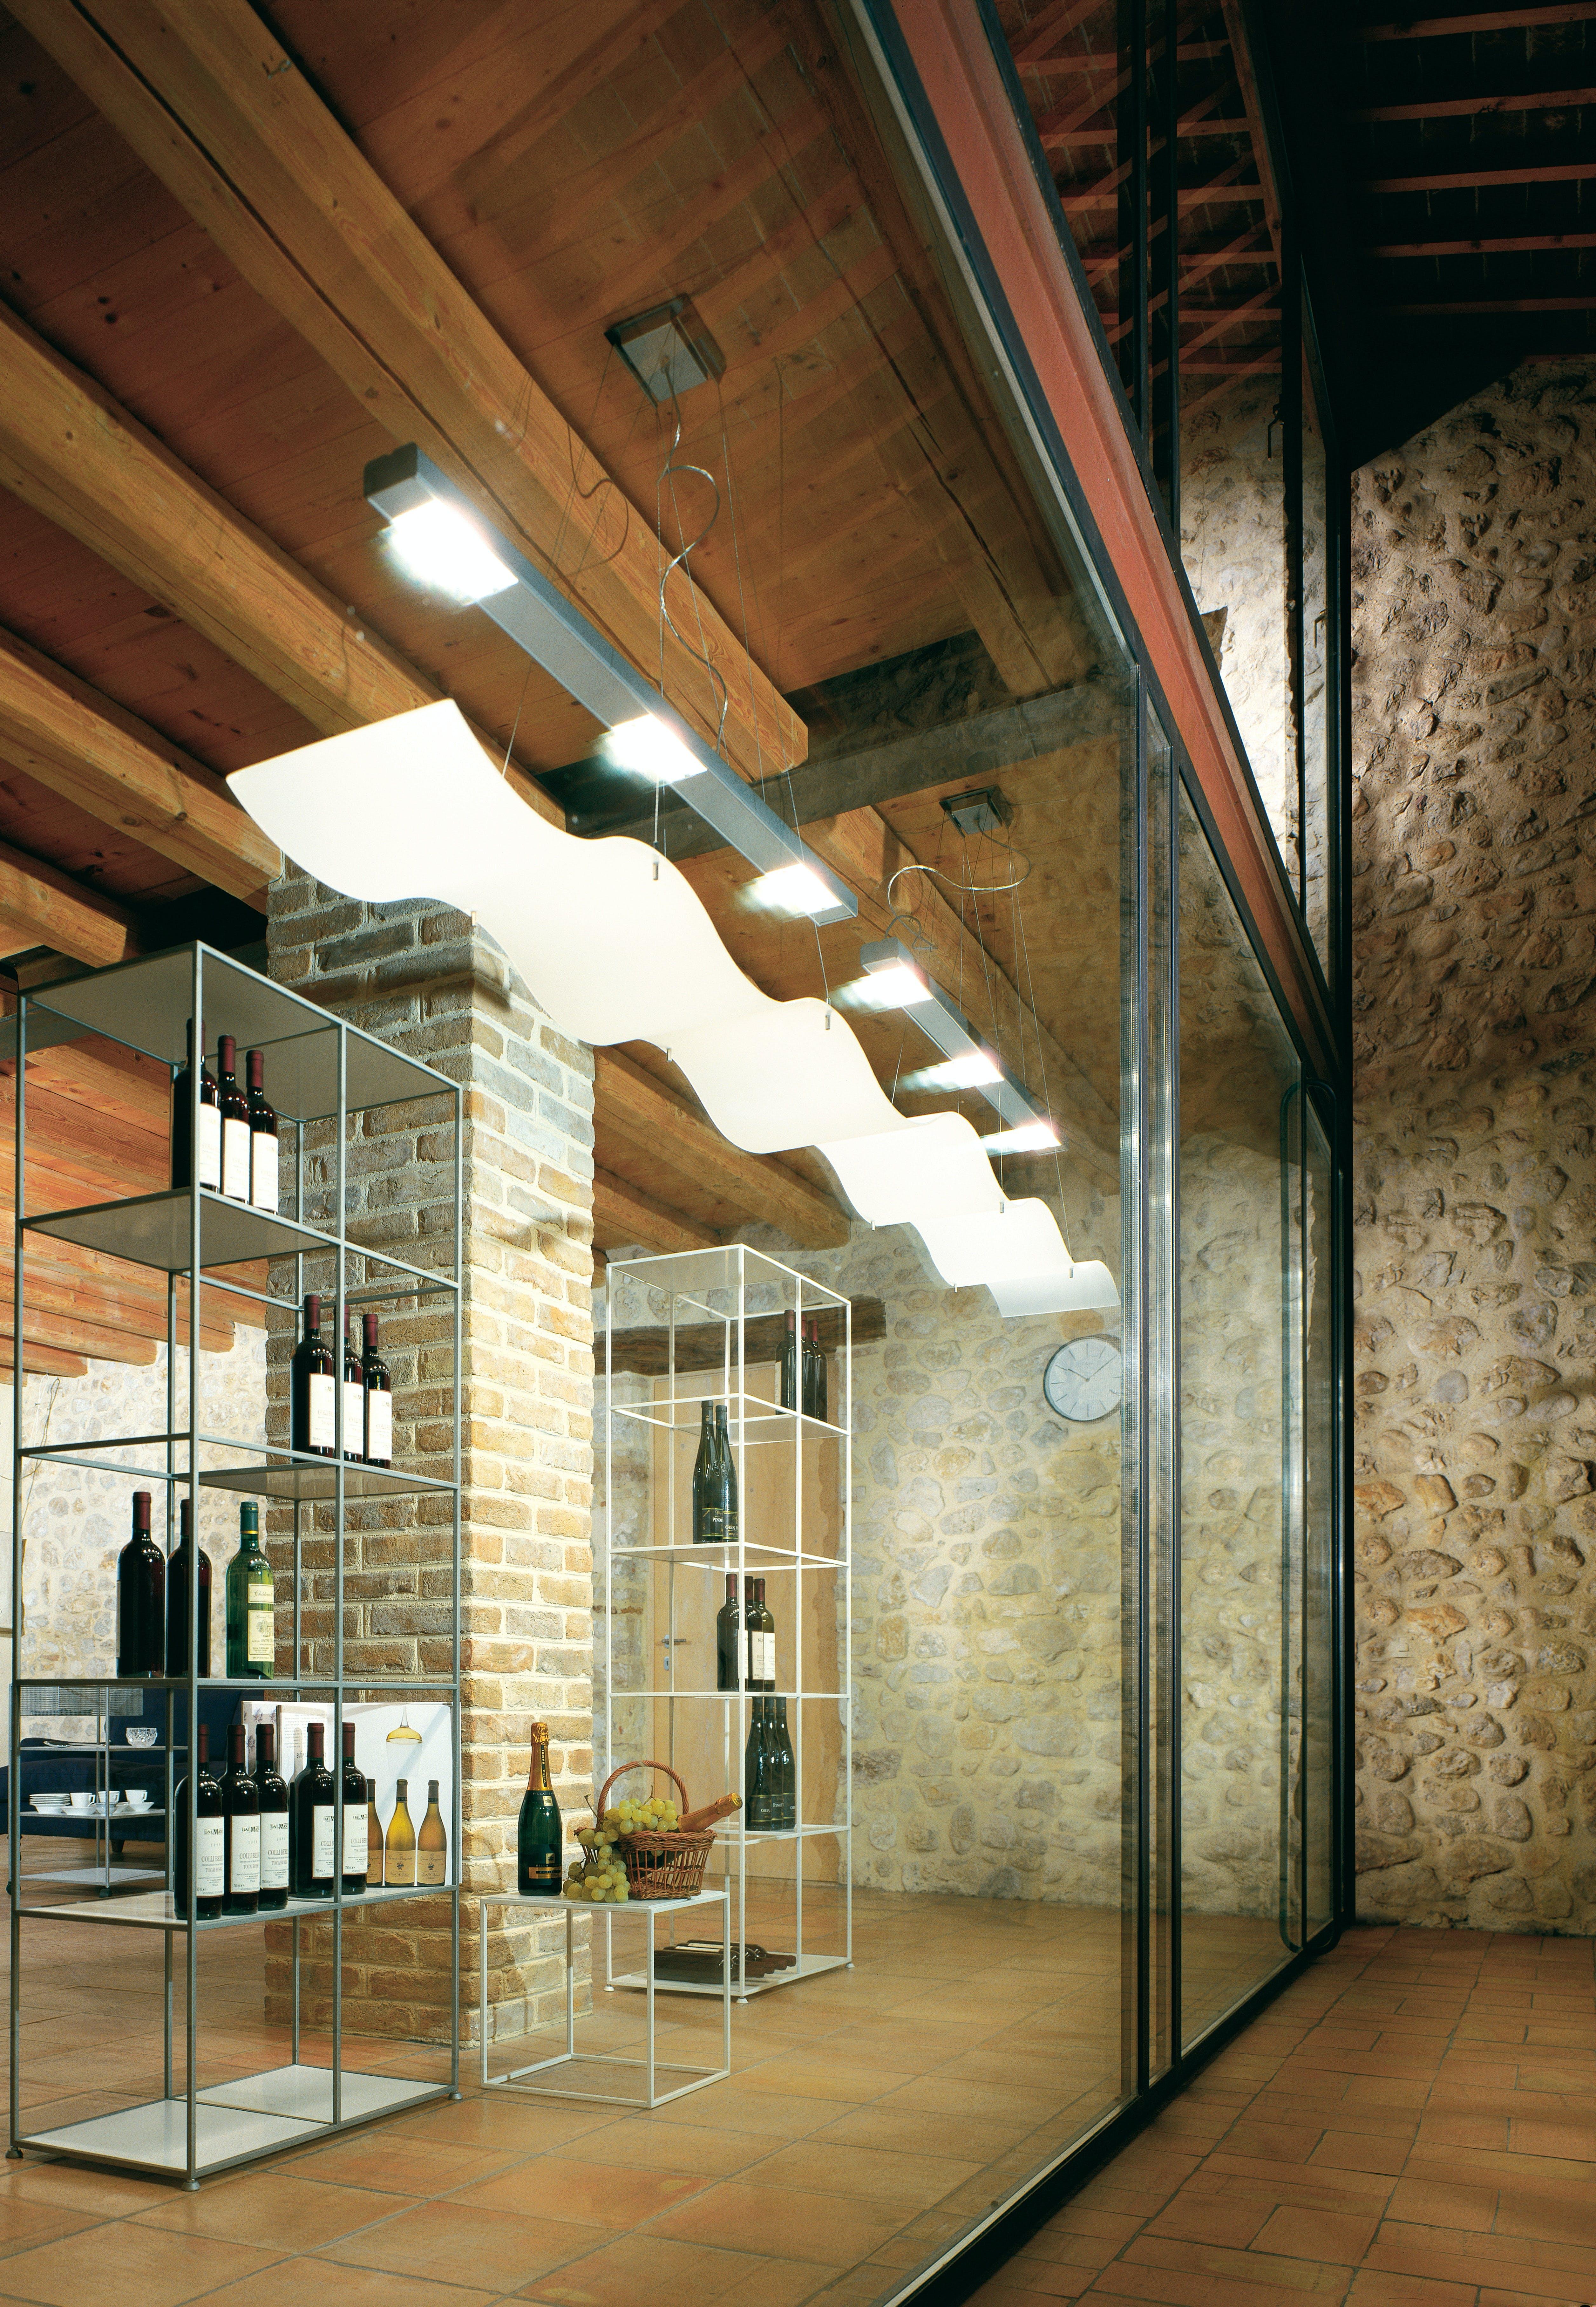 Kostenloses Stock Foto zu architektur, decke, drinnen, flaschen